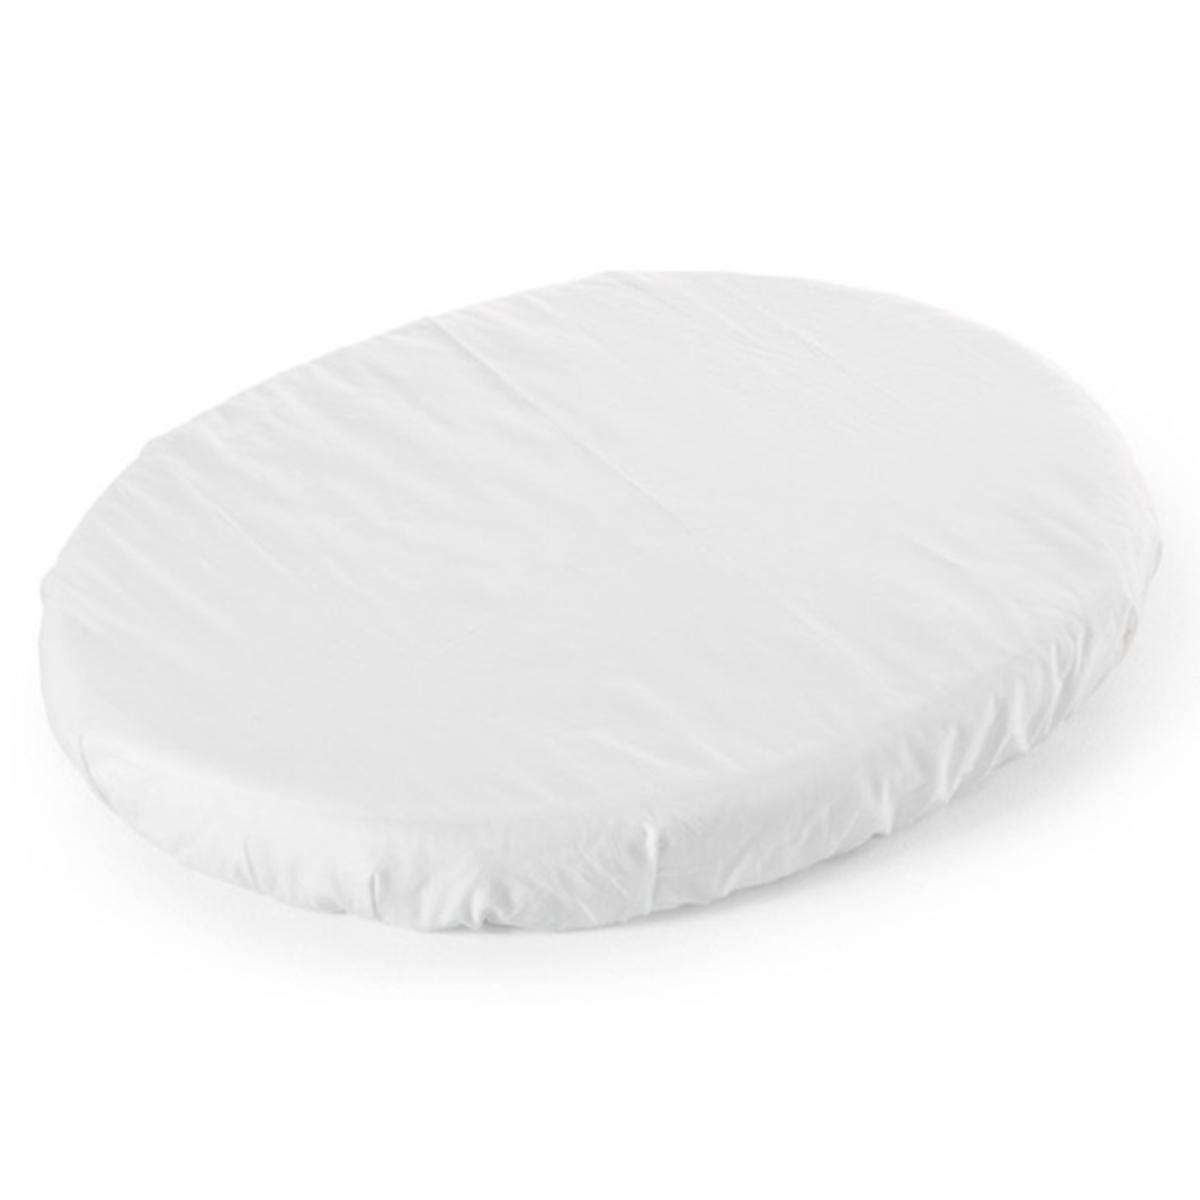 Linge de lit Drap Housse Mini Sleepi Blanc - 54 x 72 cm Drap Housse Mini Sleepi Blanc - 54 x 72 cm